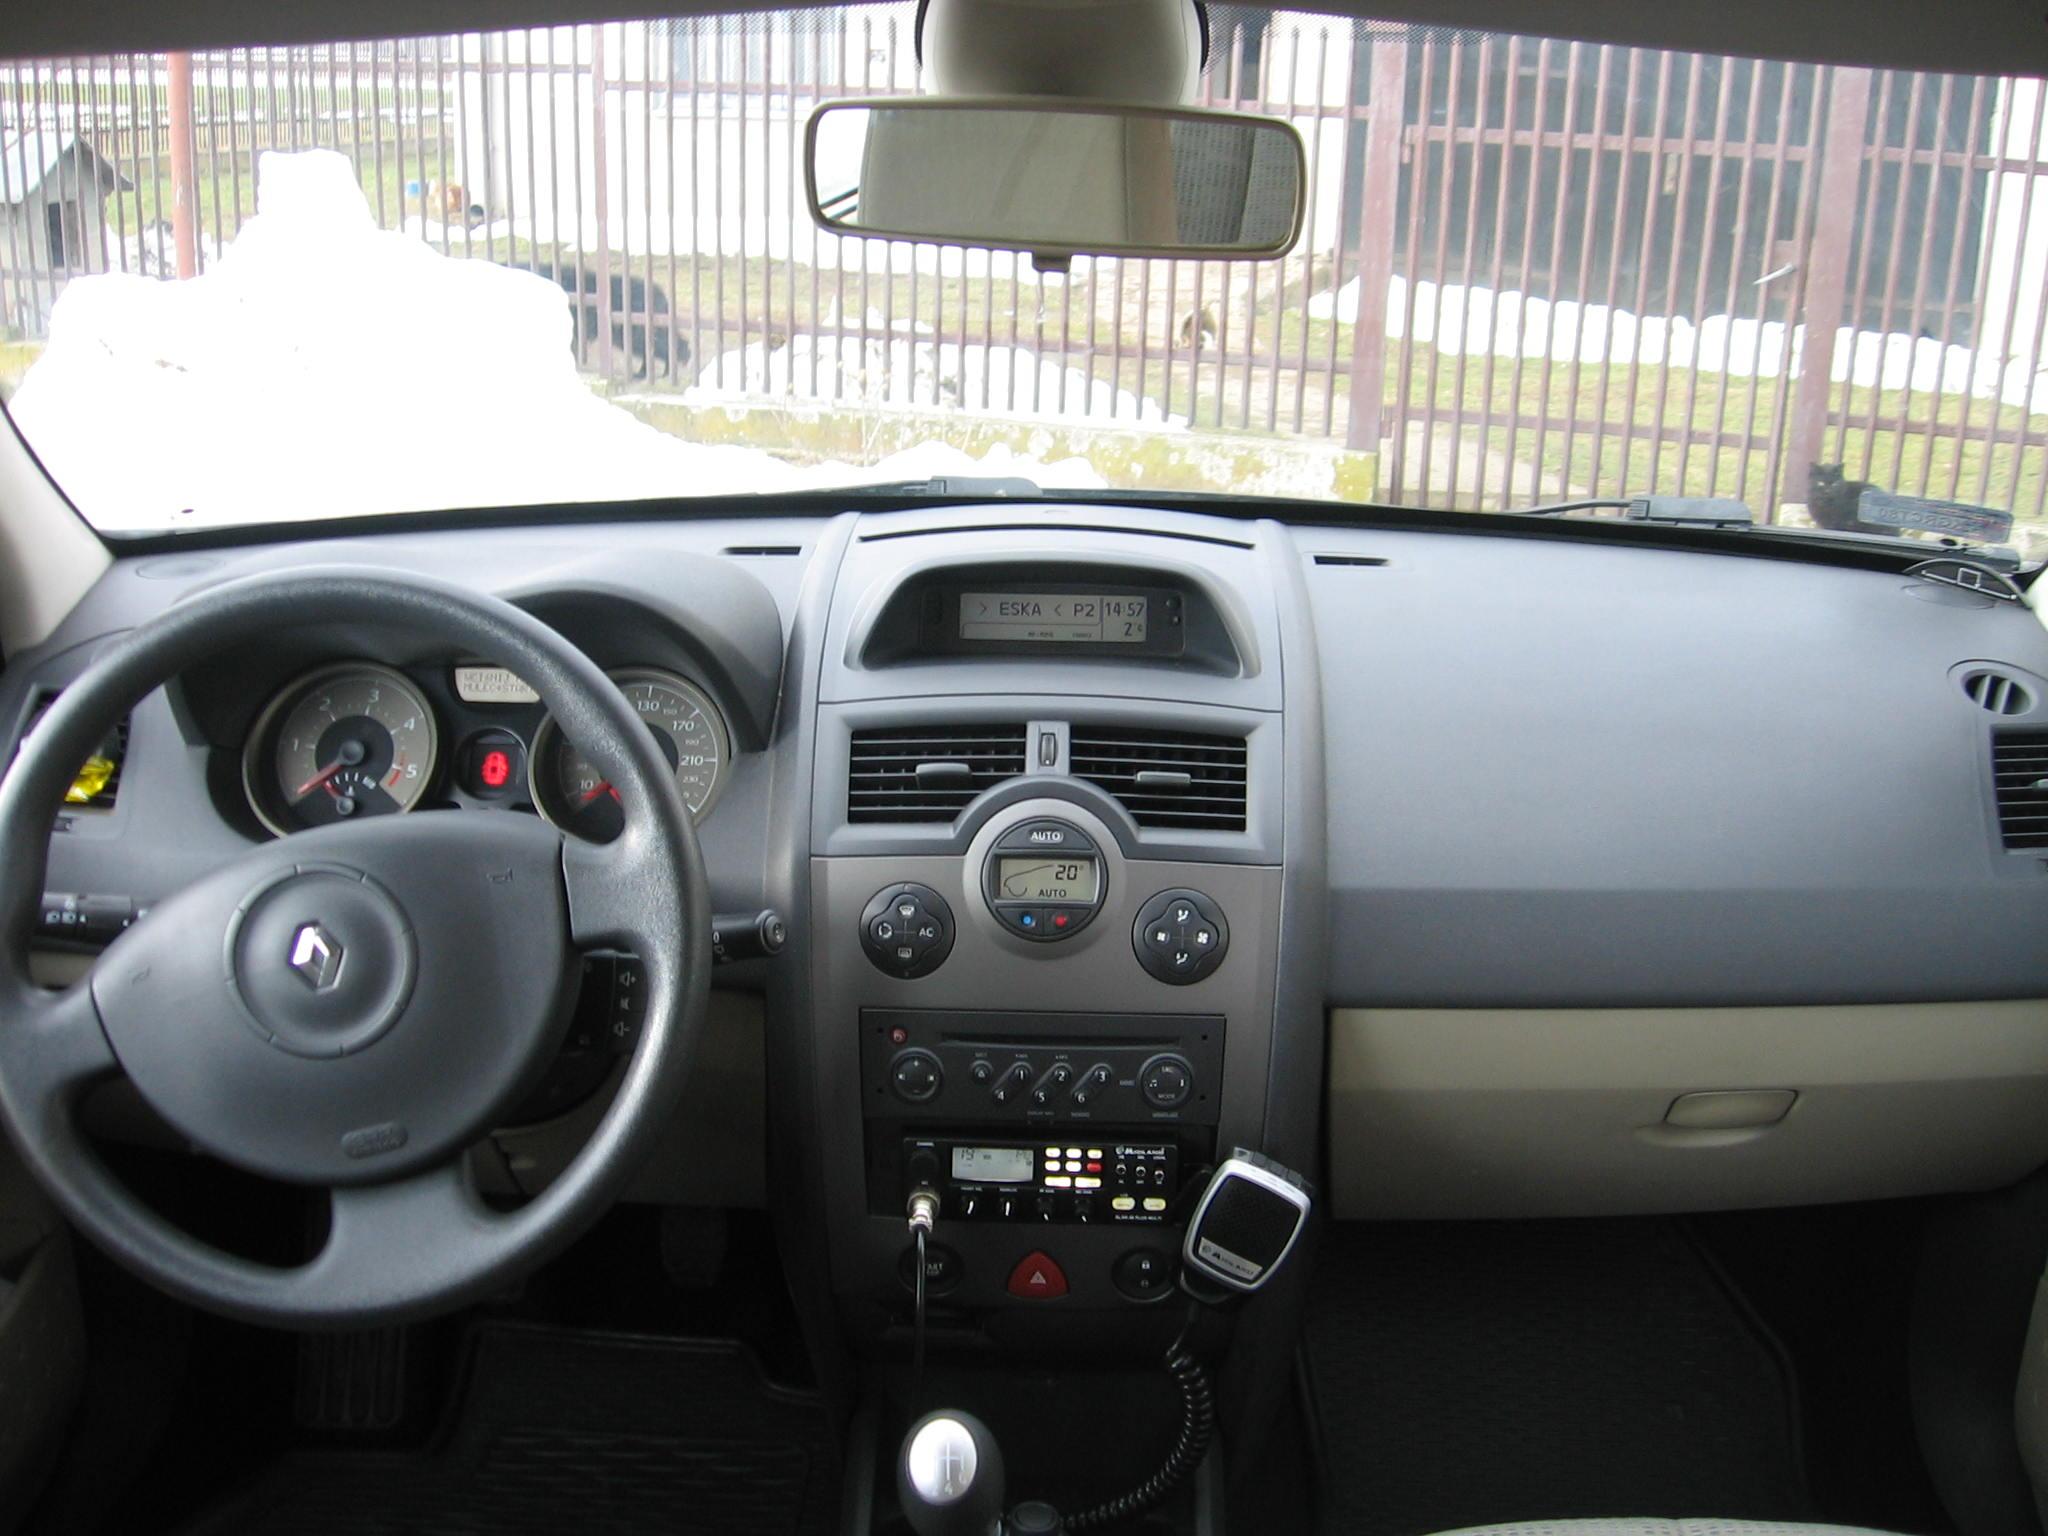 Megane Ii Phii Wyświetlacz Radia Update List Protokół Car Audio